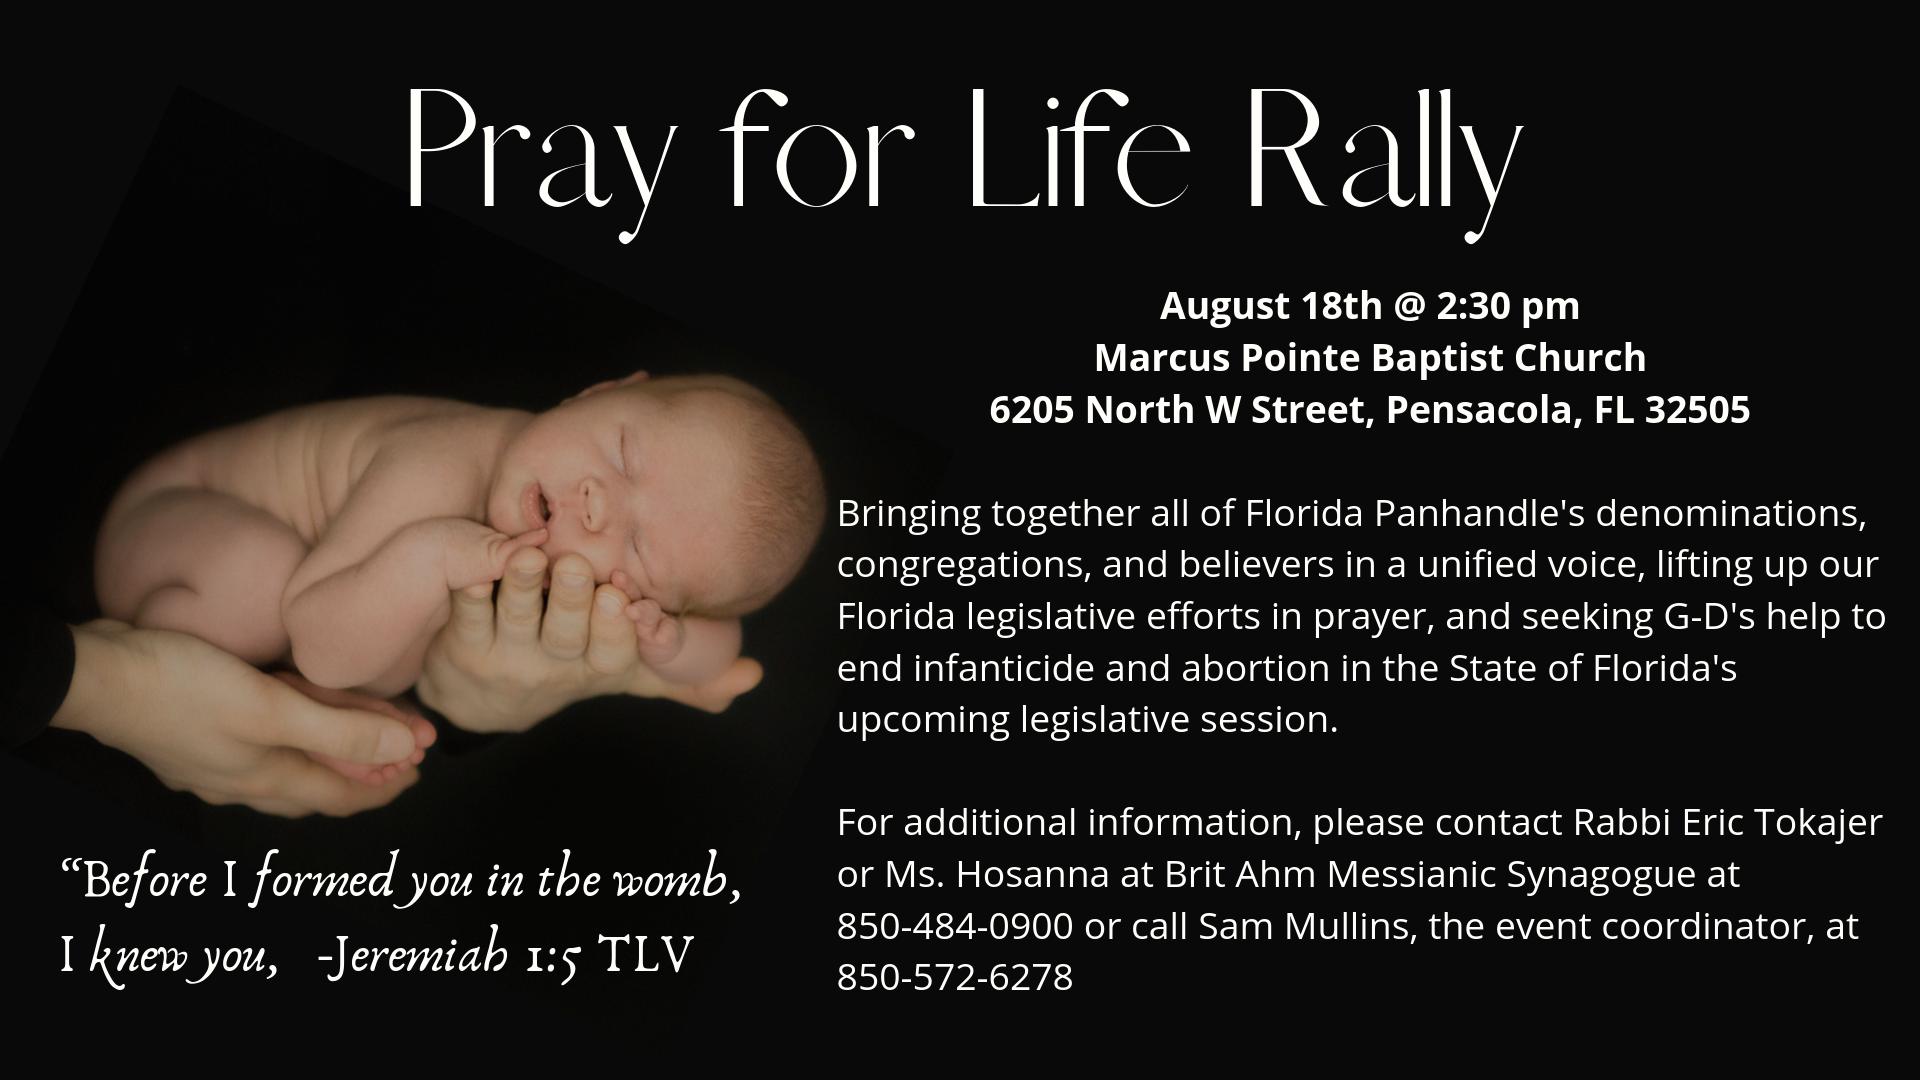 Pray for Life Rally